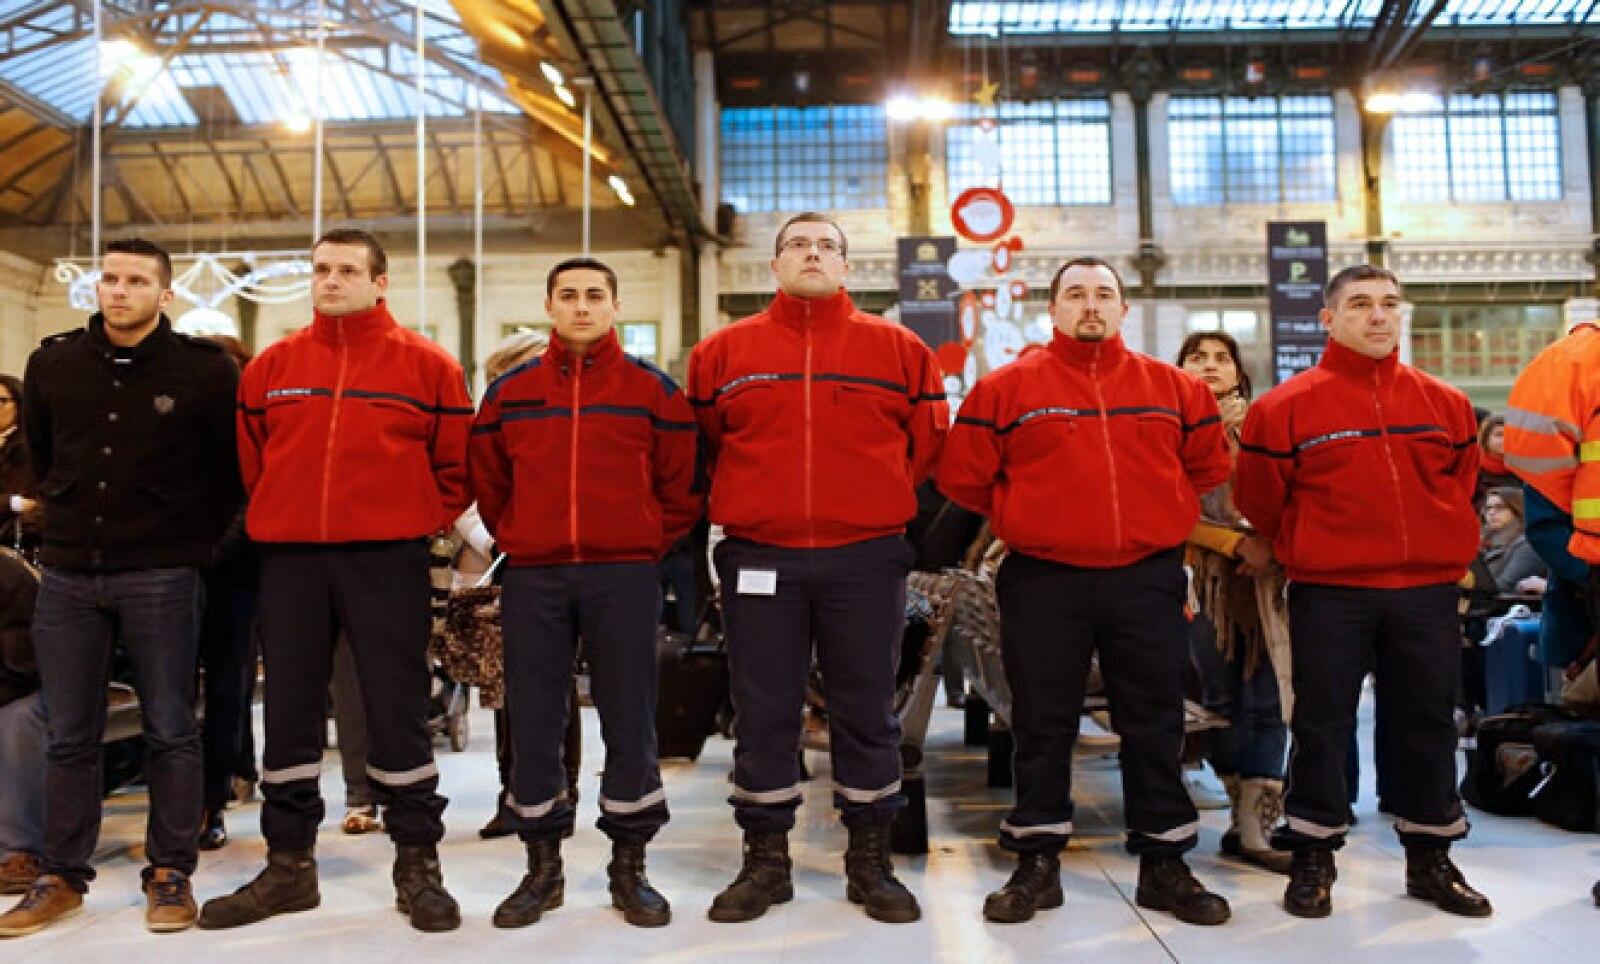 Personal de seguridad de la estación Gare de Lyon también rindieron homenaje a las víctimas